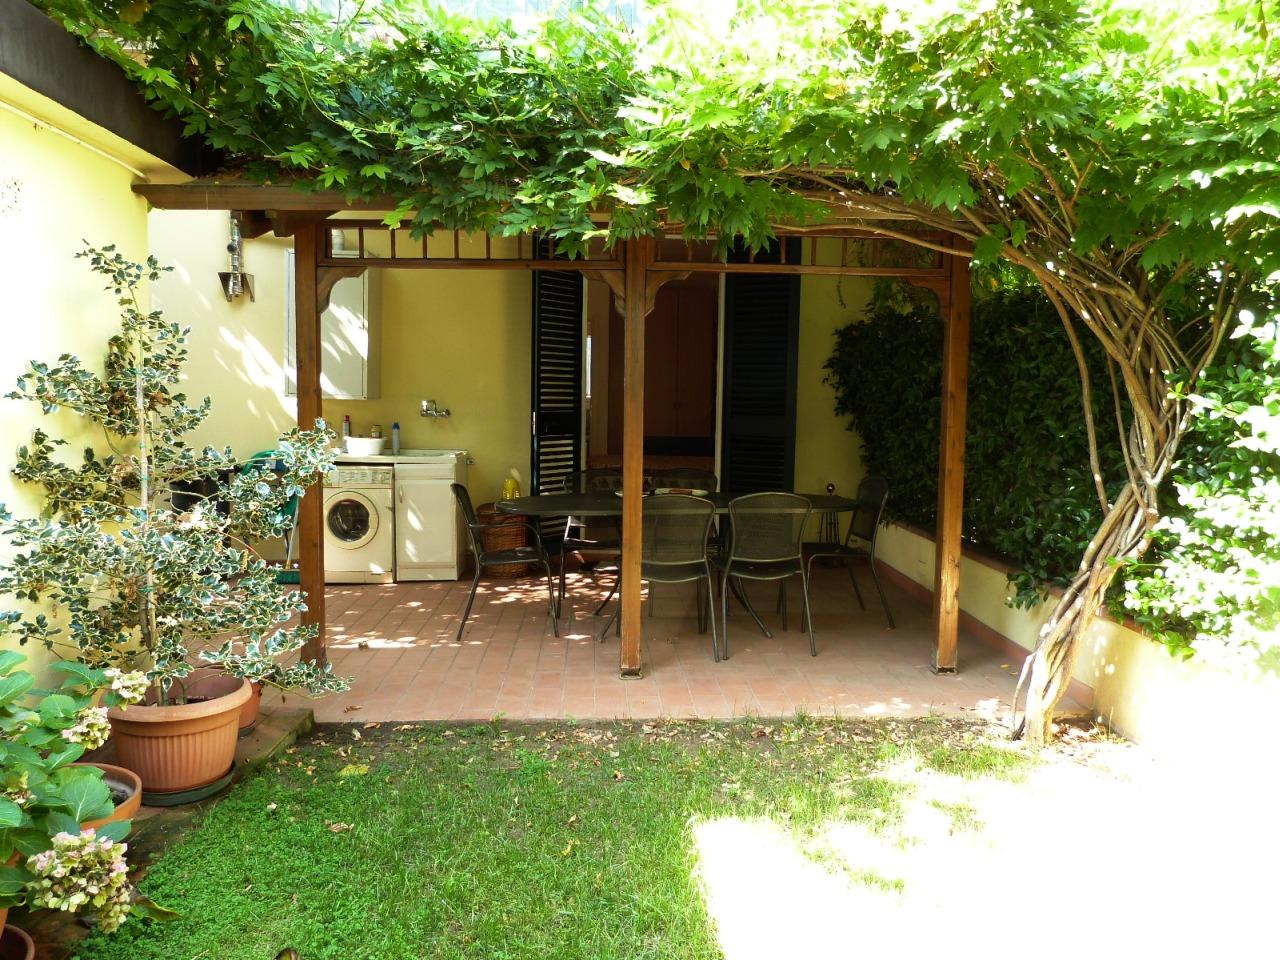 Firenze immobiliare agenzia immobiliare mare 39 a firenze vendita ed affitto di immobili firenze - Case in vendita firenze giardino ...